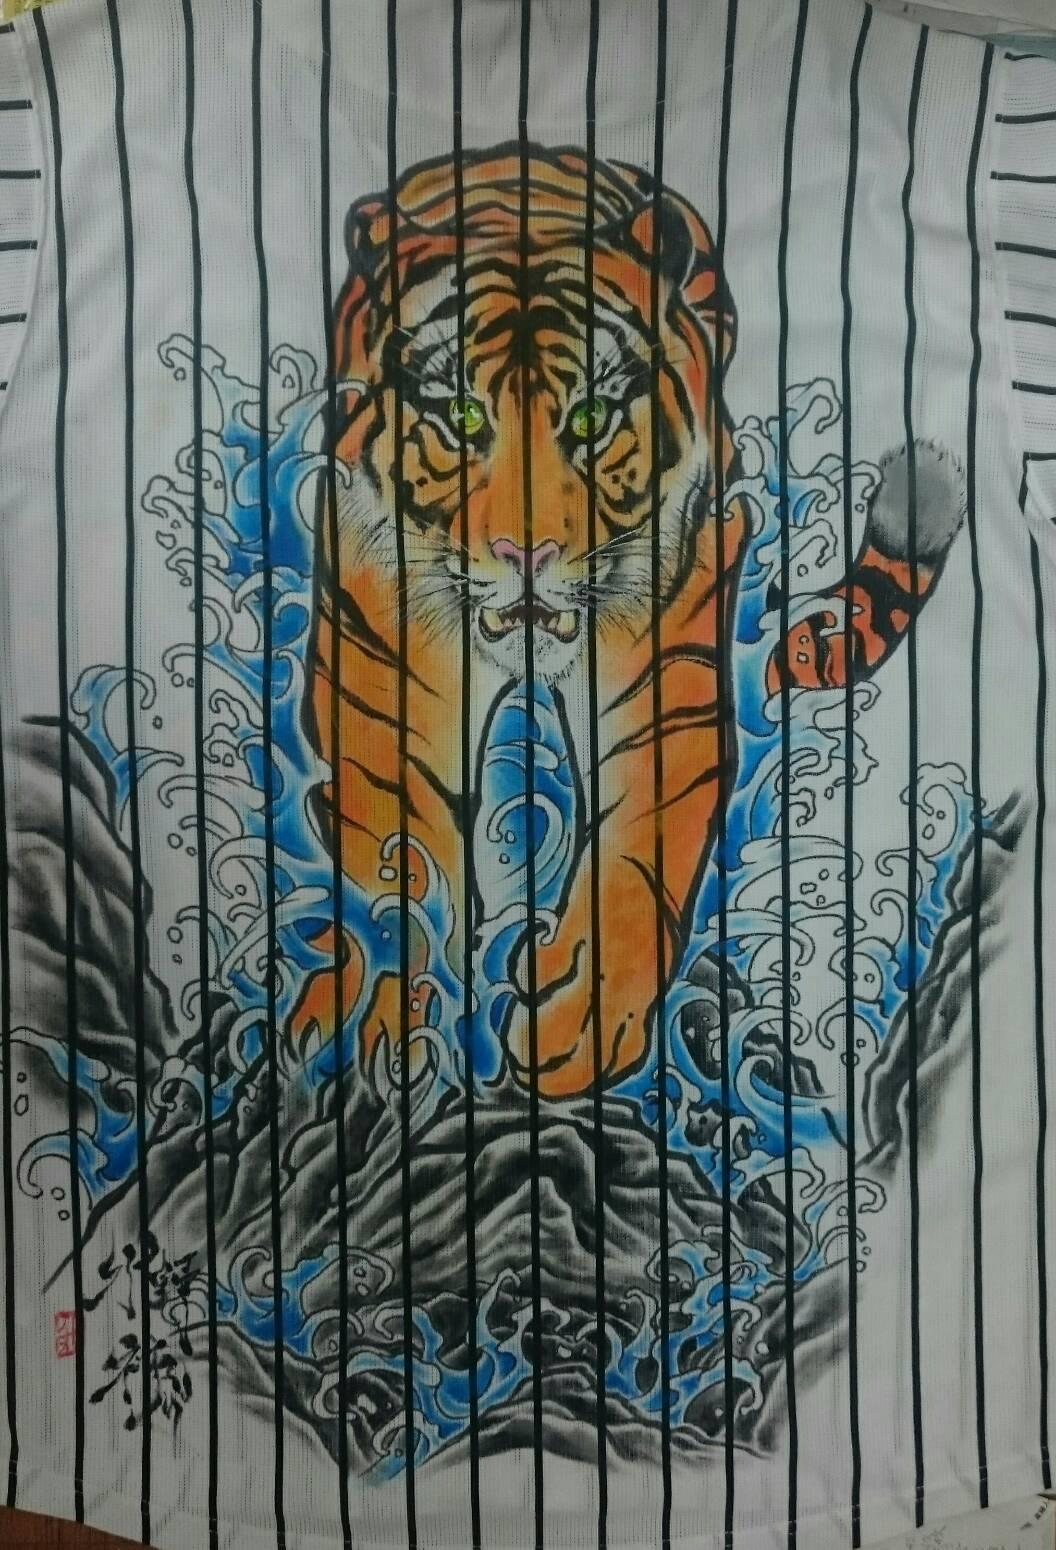 阪神タイガース 手描きユニフォーム 虎と波